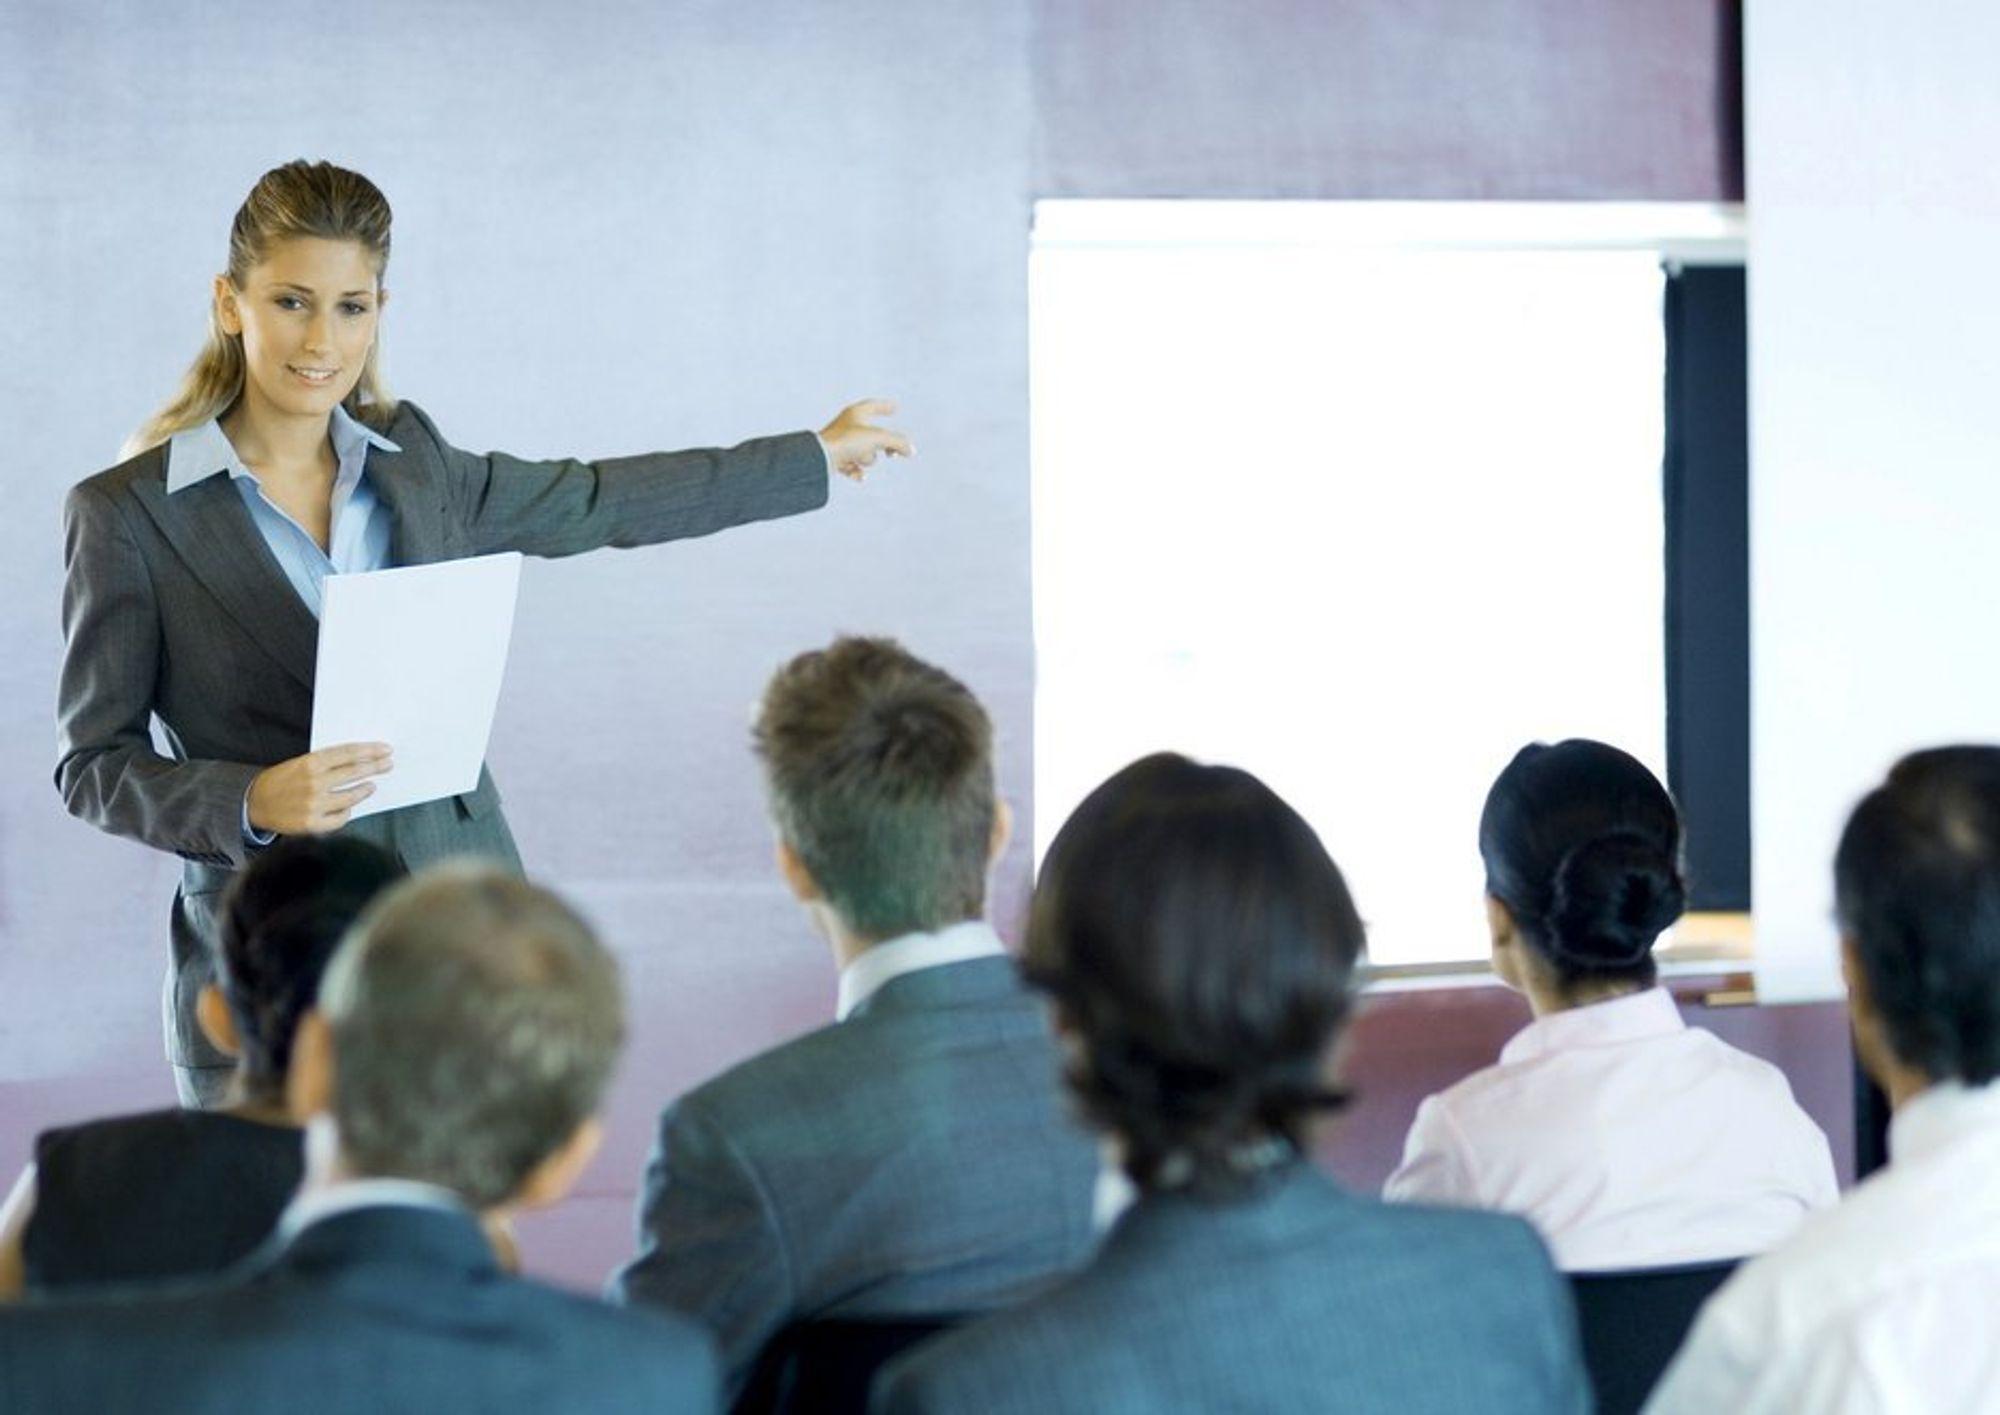 Powerpoint-presentasjoner bør avskaffes, mener australske forskere.